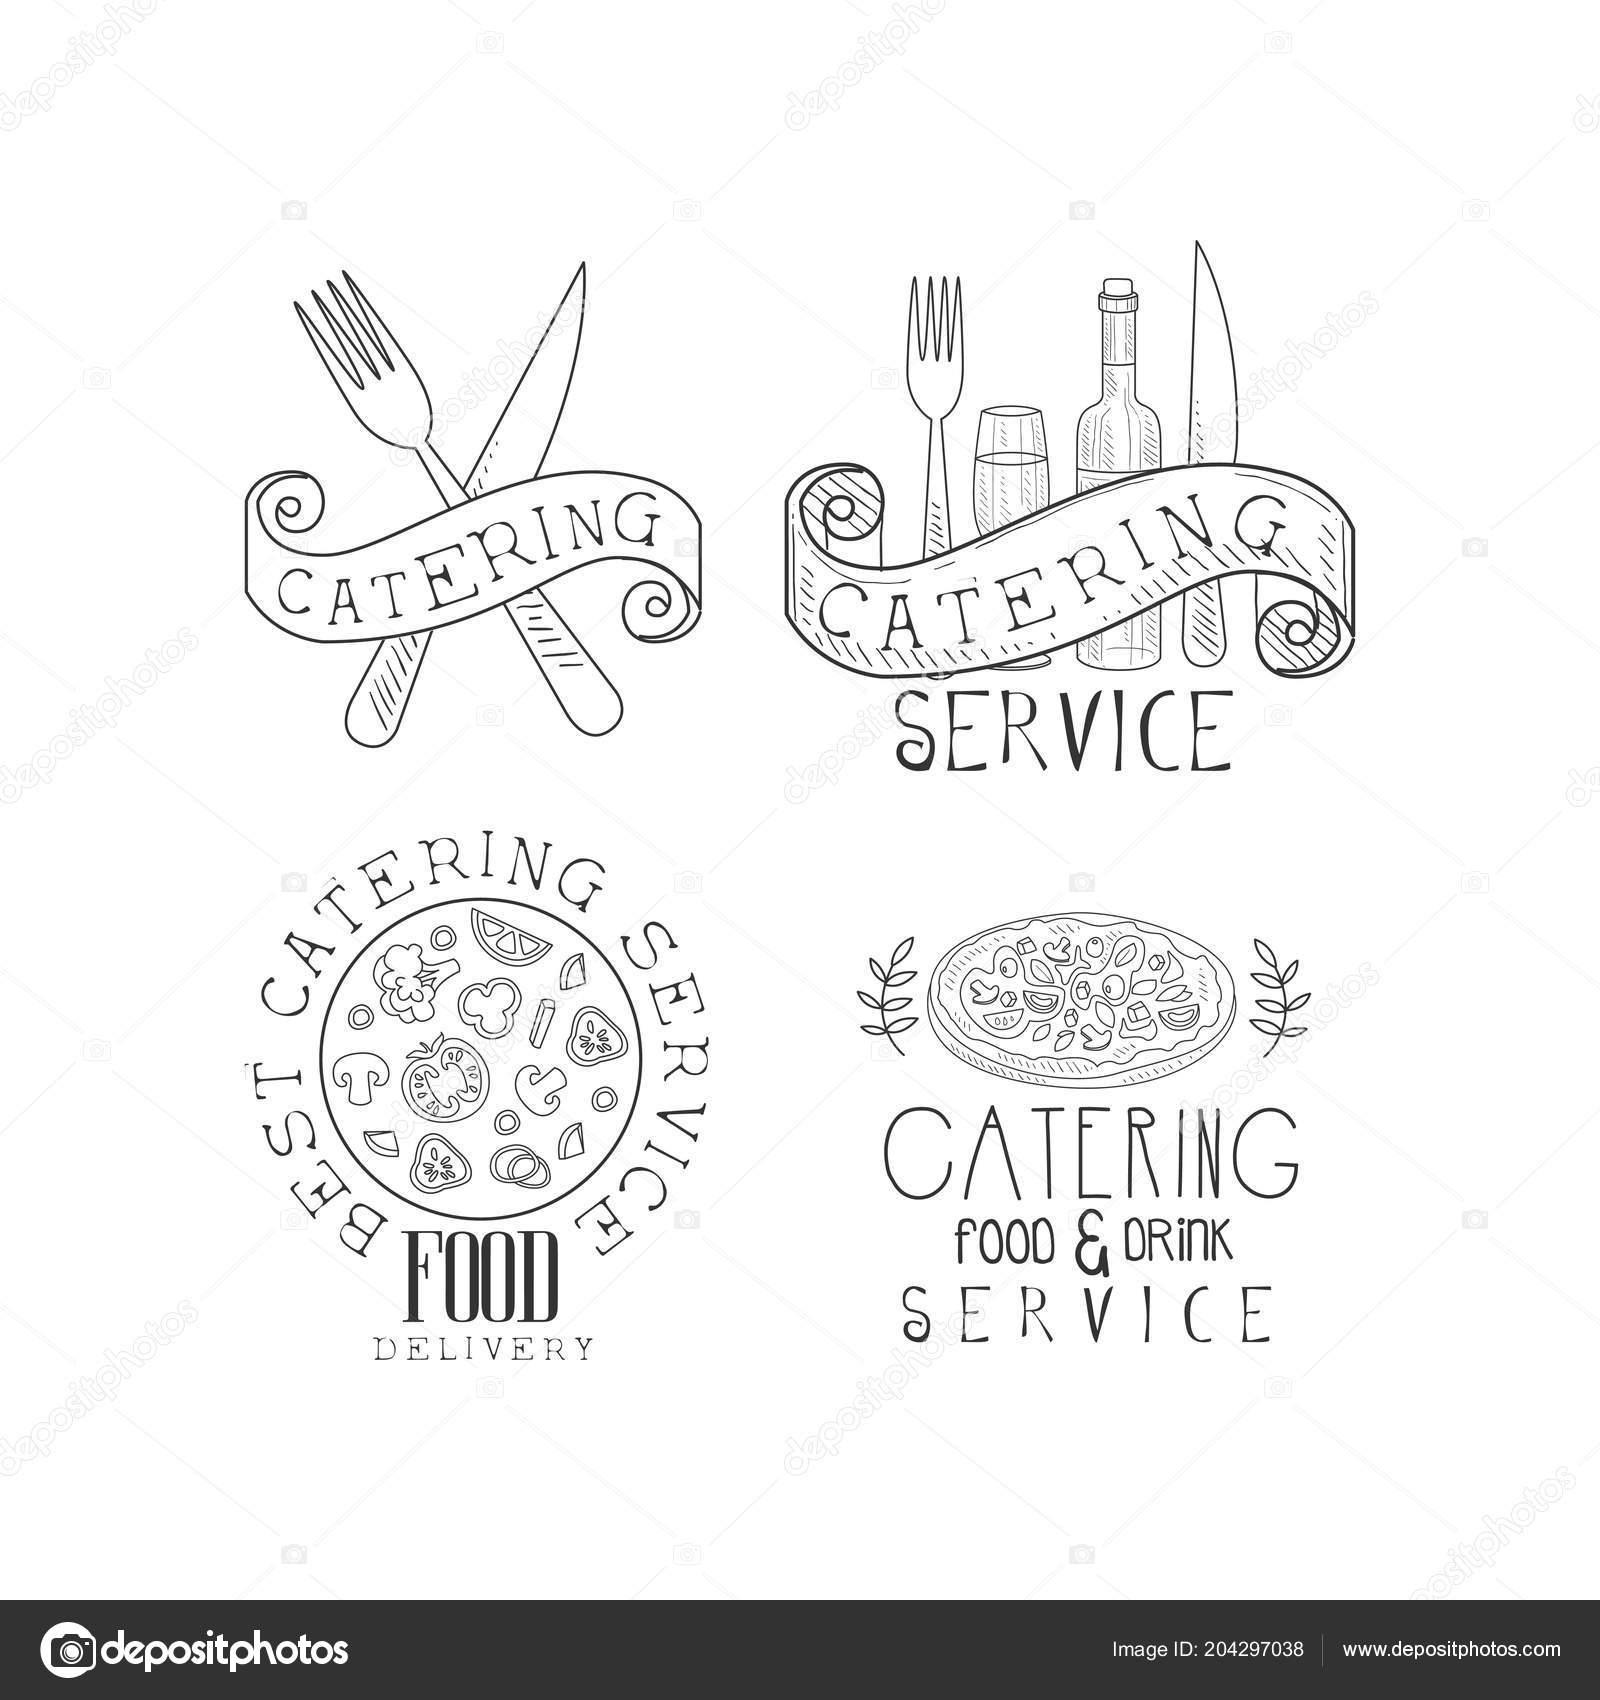 Modeles De Logo Dessine Avec Nourriture Bouteille Vin Et Verre Fourchettes Couteaux A La Main Conception Creative Vecteur Pour Carte Visite